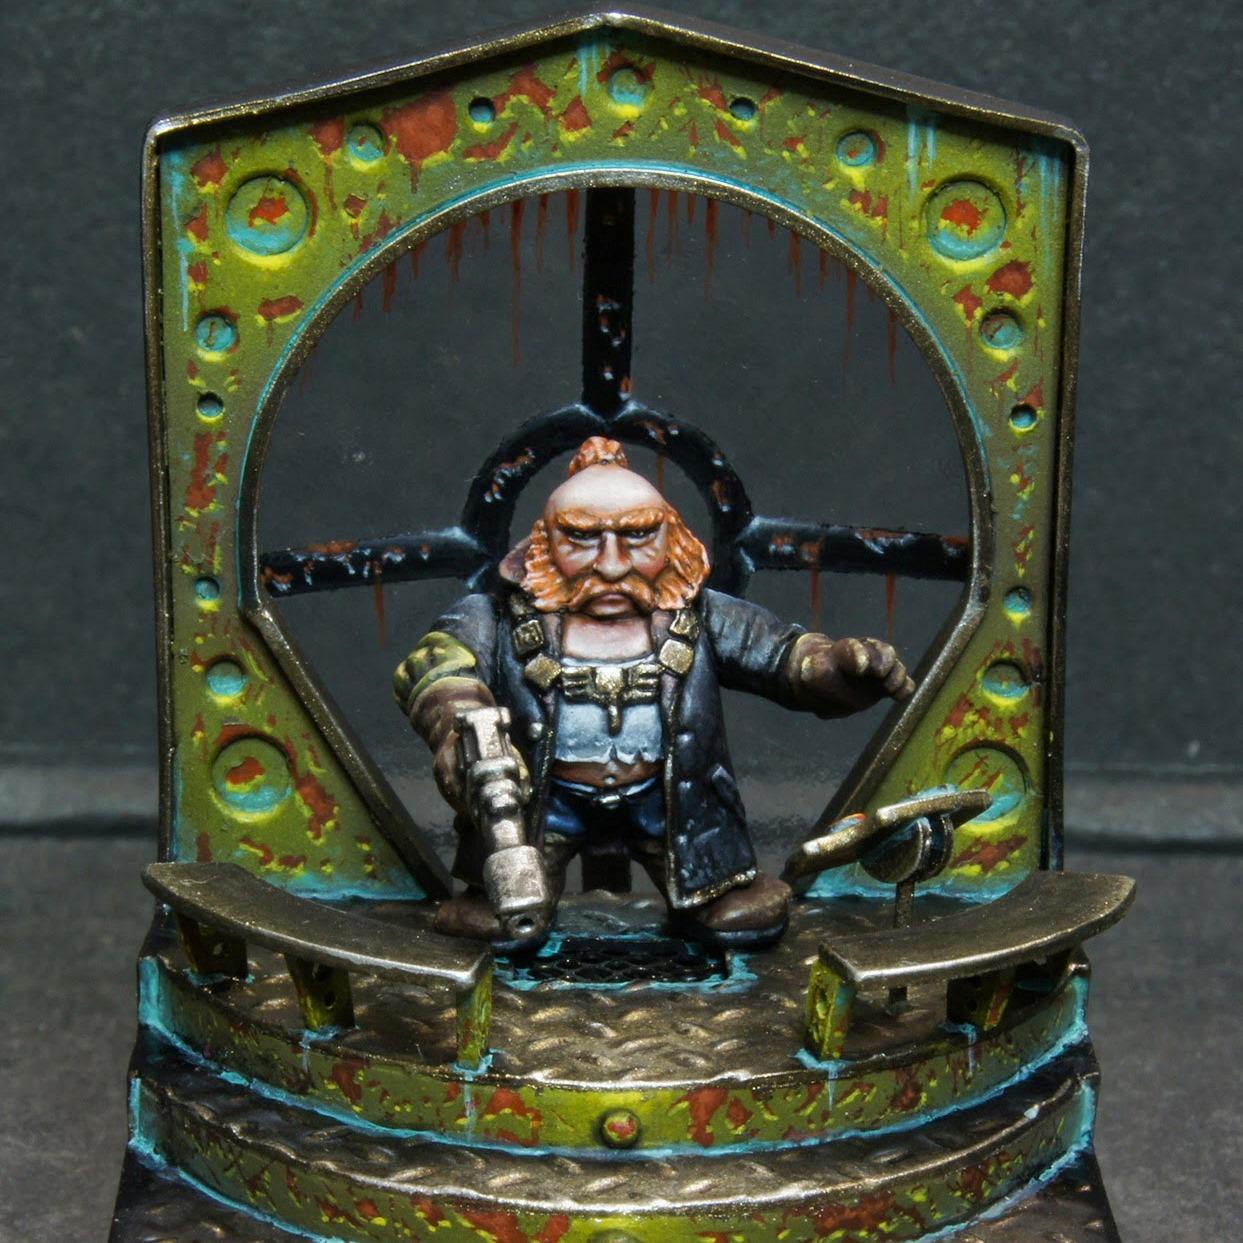 http://www.minisocles-blog.fr/2014/09/tuto-socle-de-squat-pirate-de-lespace.html